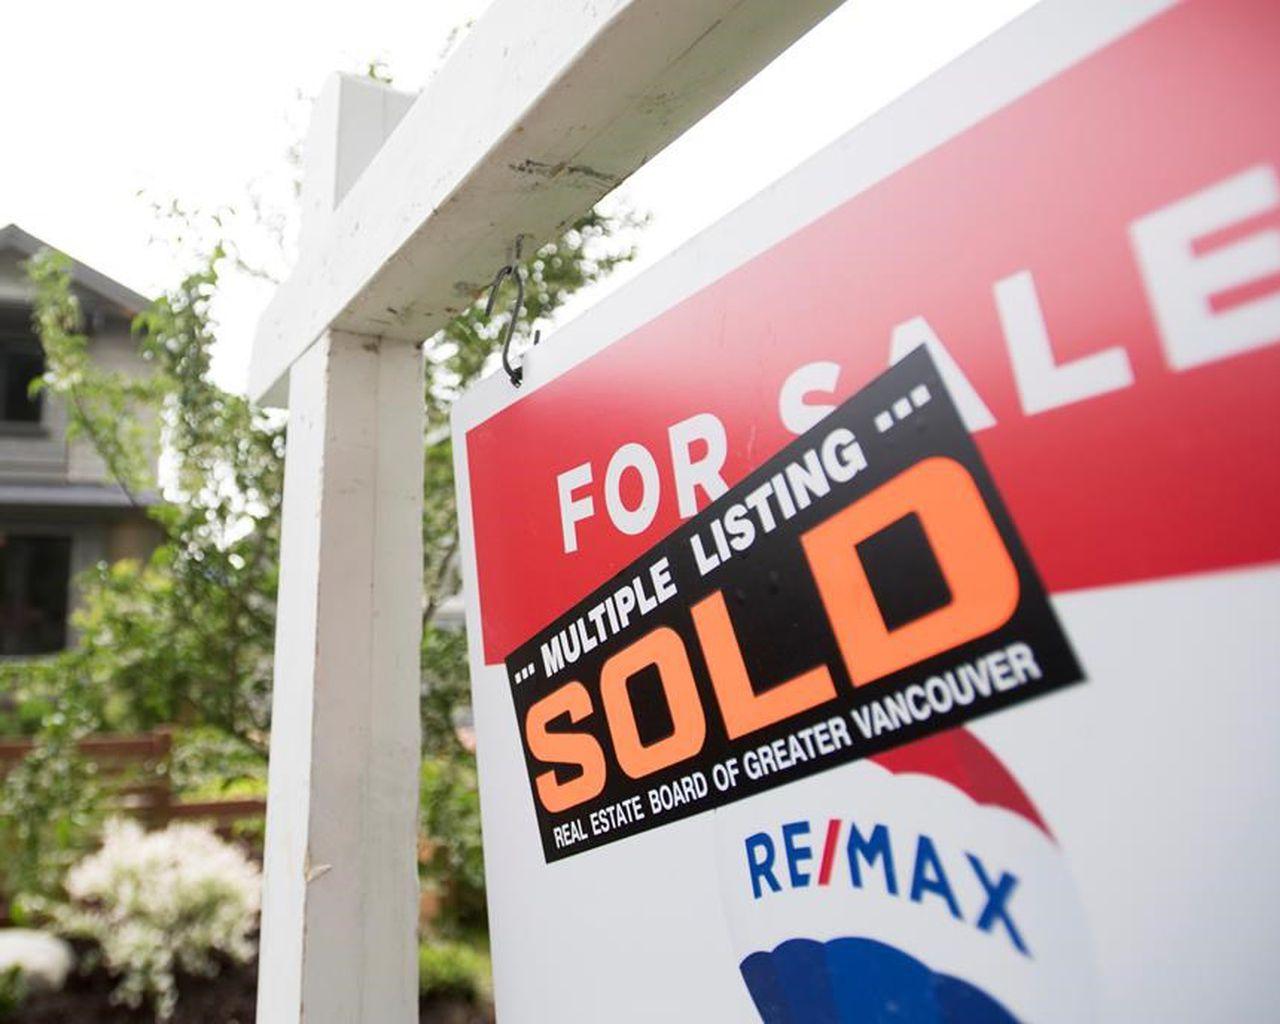 اتحادیه املاک و مستغلات کانادا : علیرغم پاندمی کرونا فروش مسکن در سال 2020 رکورد زد